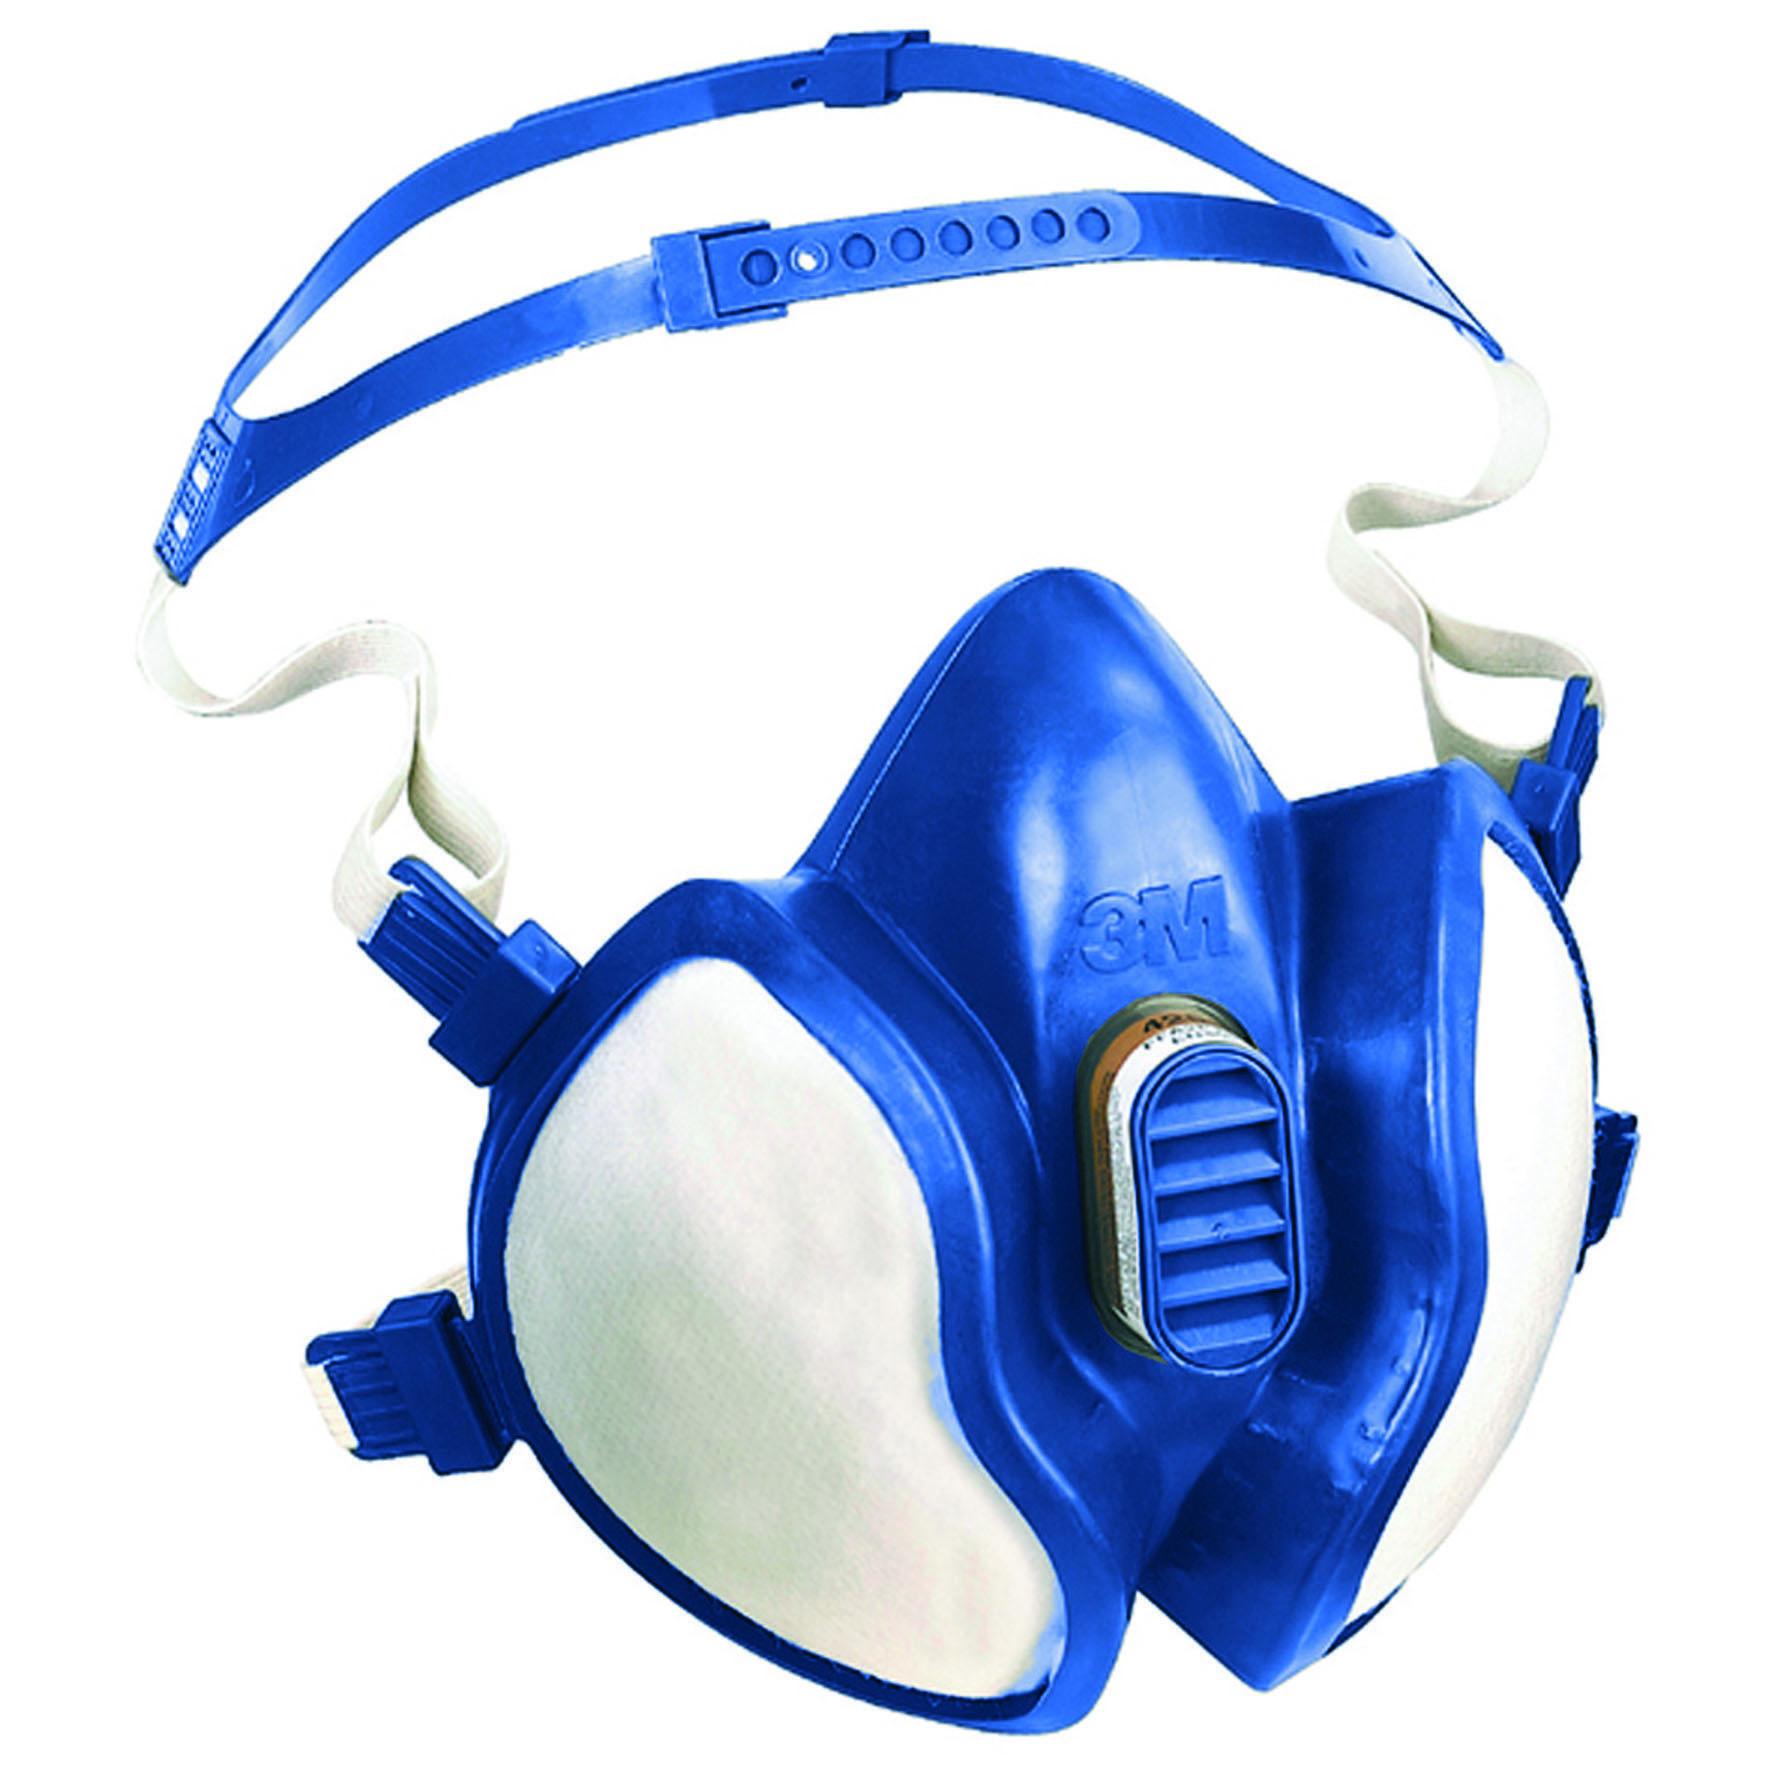 3M™ Bezúdržbová polomaska série s integrovanými filtry FFA2P3RD - organika a částice, 4255+